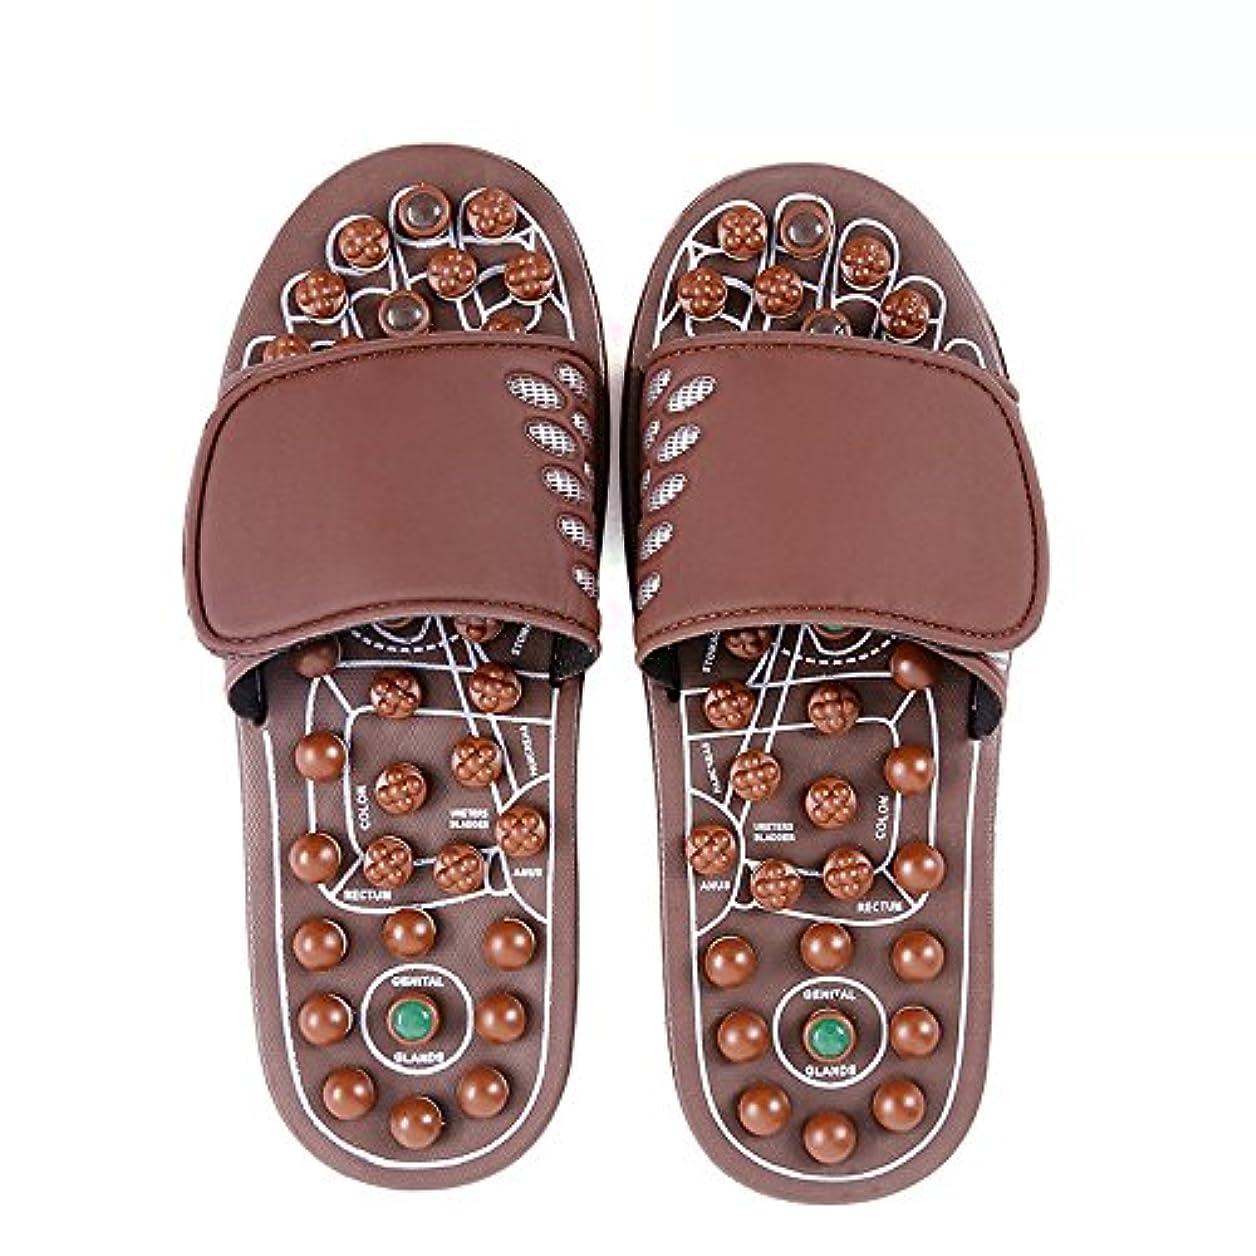 状段落入場料快適 ジェイドマッサージスリッパ女性の足指圧ホームシューズ滑り止めスリッパ屋内マッサージシューズ(オプションのサイズ) 増加した (サイズ さいず : L(43-46))